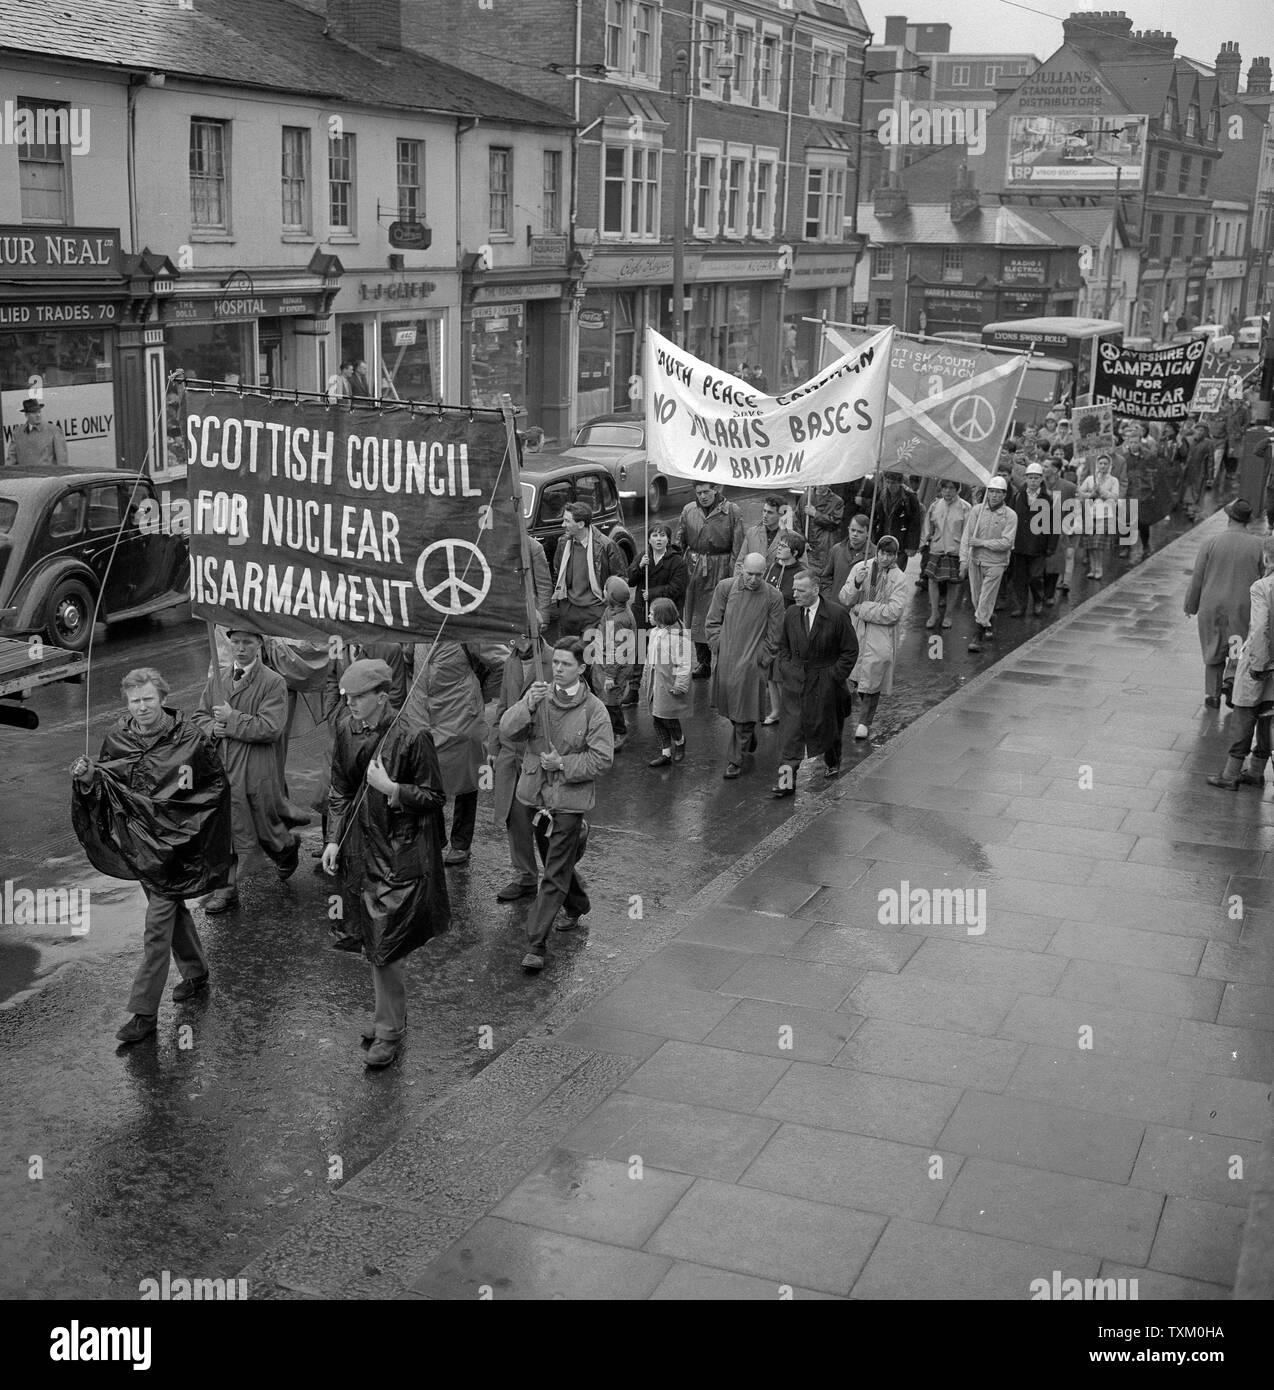 Die Demonstranten tragen mit bunten Bannern, wie sie von der Lesung in der Jährlichen 50 Meile Ban-den-Bombe Marsch vom Atomic Weapons Research Establishment in Aldermaston zum Trafalgar Square, London. Stockfoto